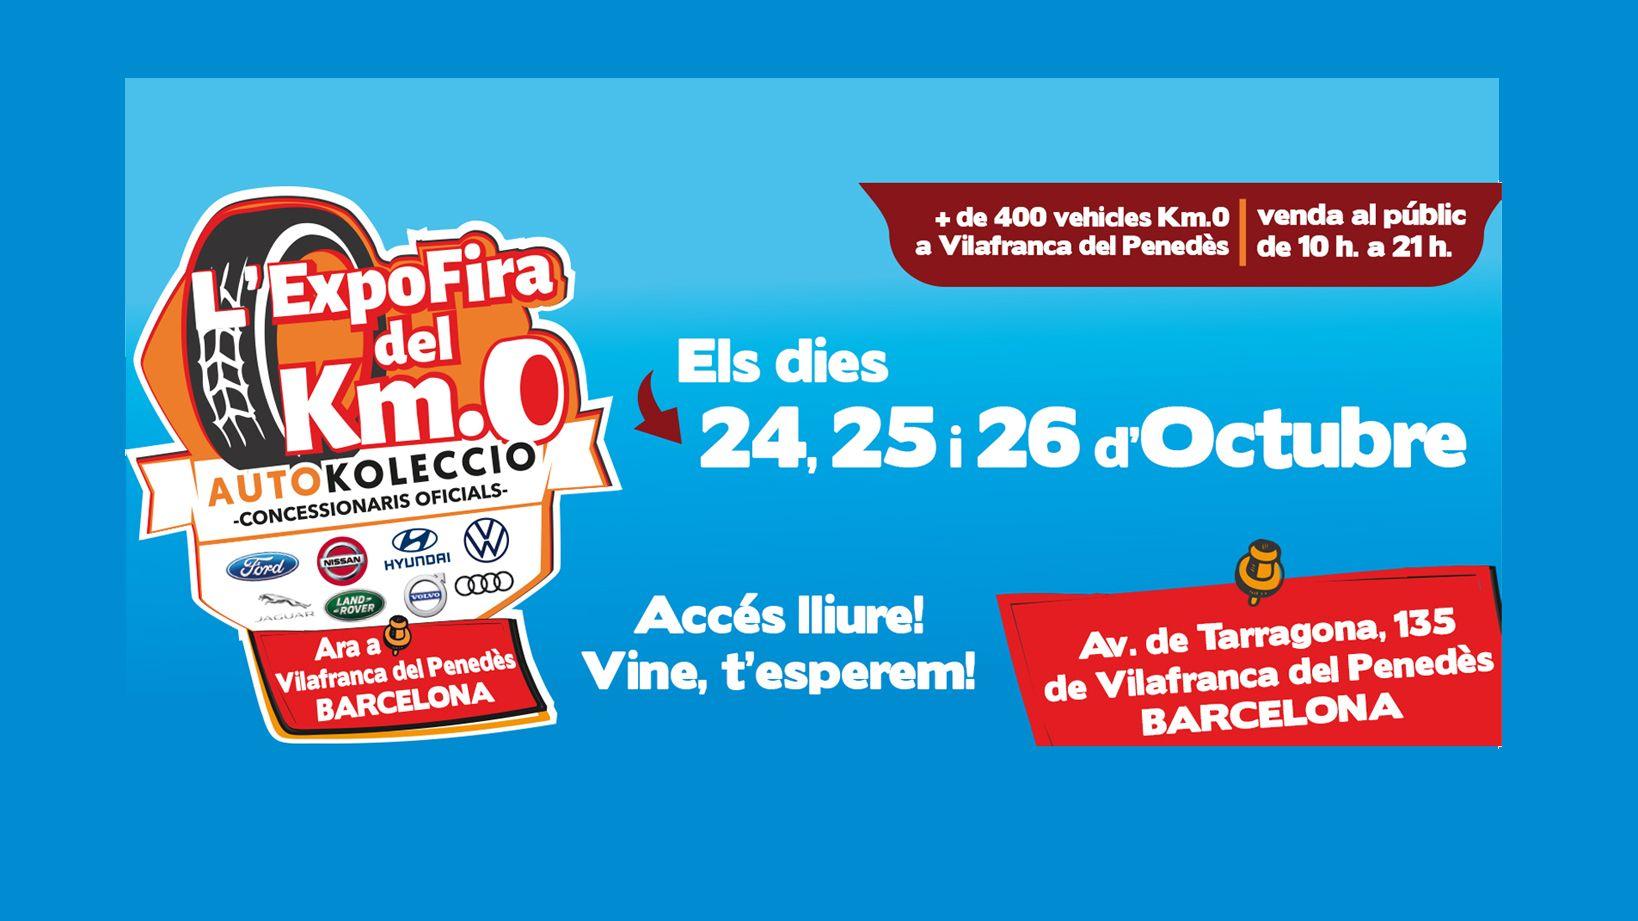 Torna l'Expofira del KM0 a Vilafranca!